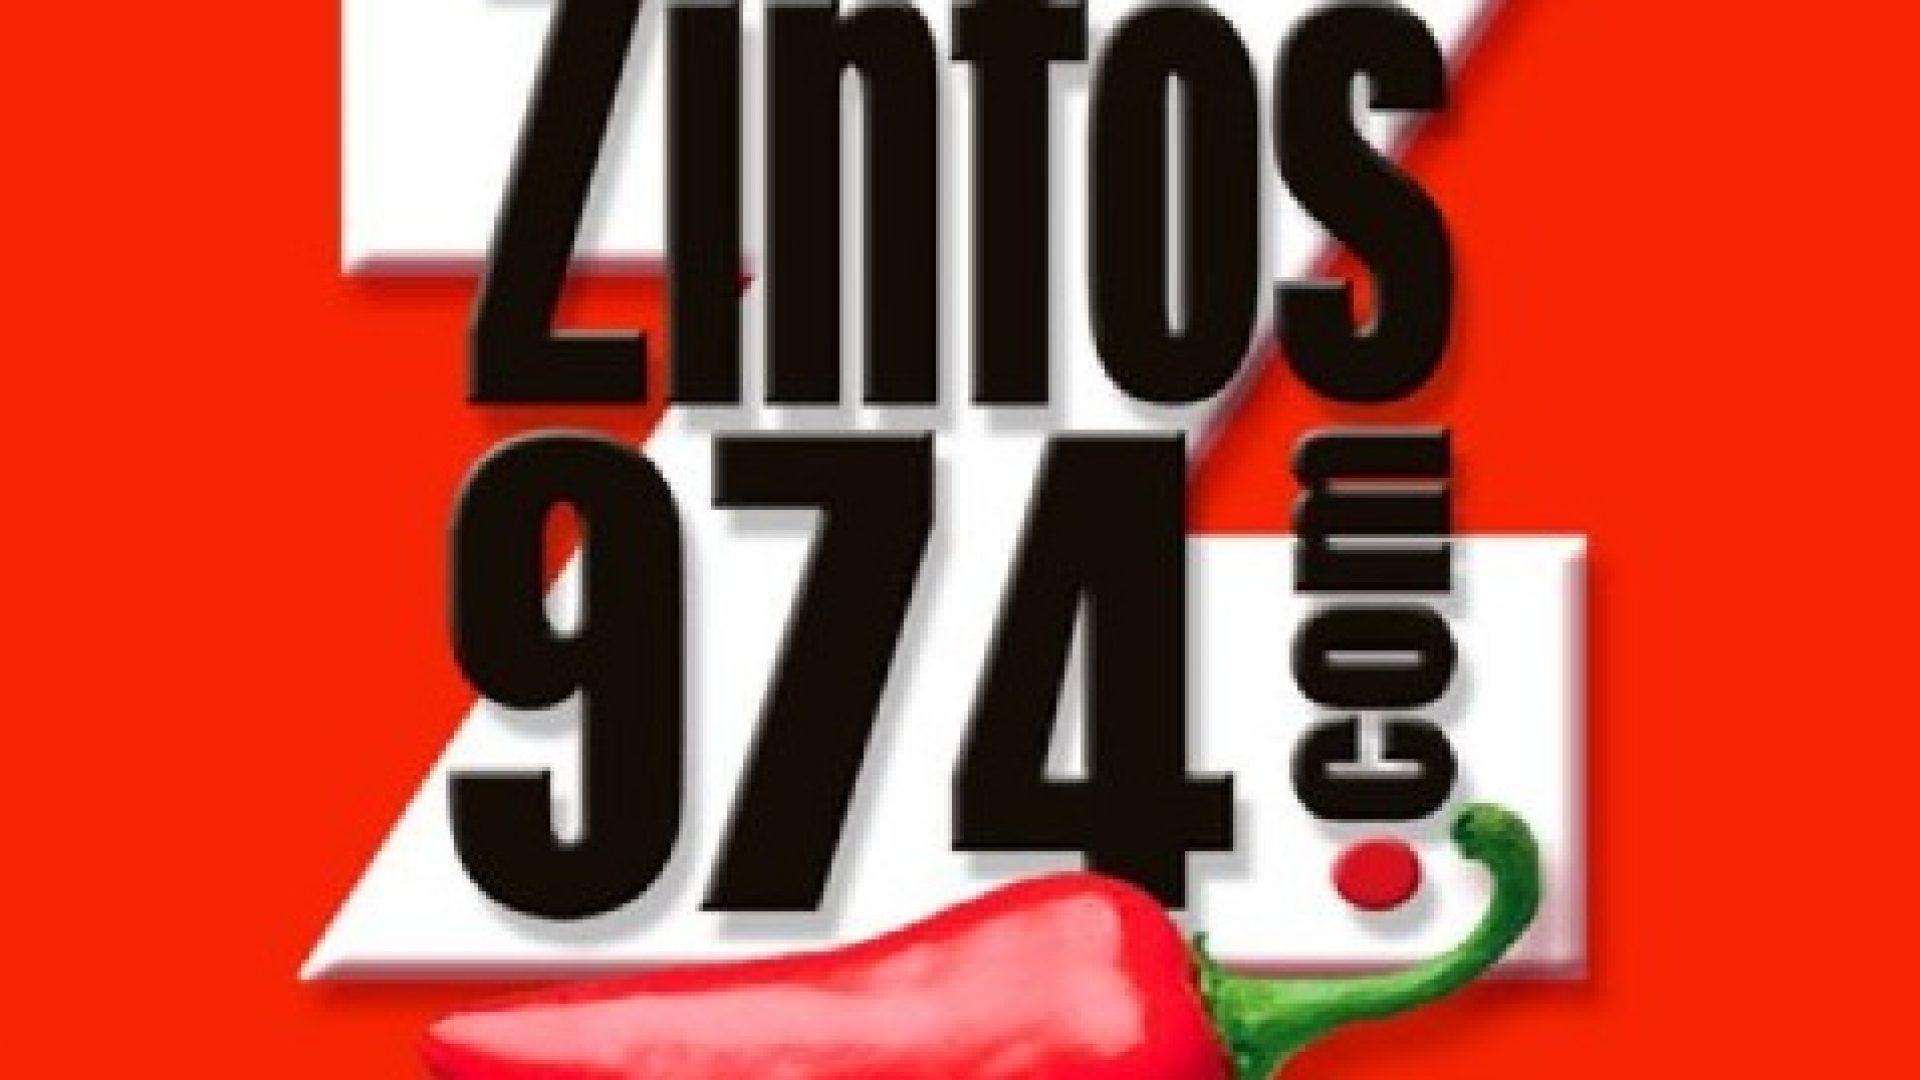 Zinfos974.com (001)